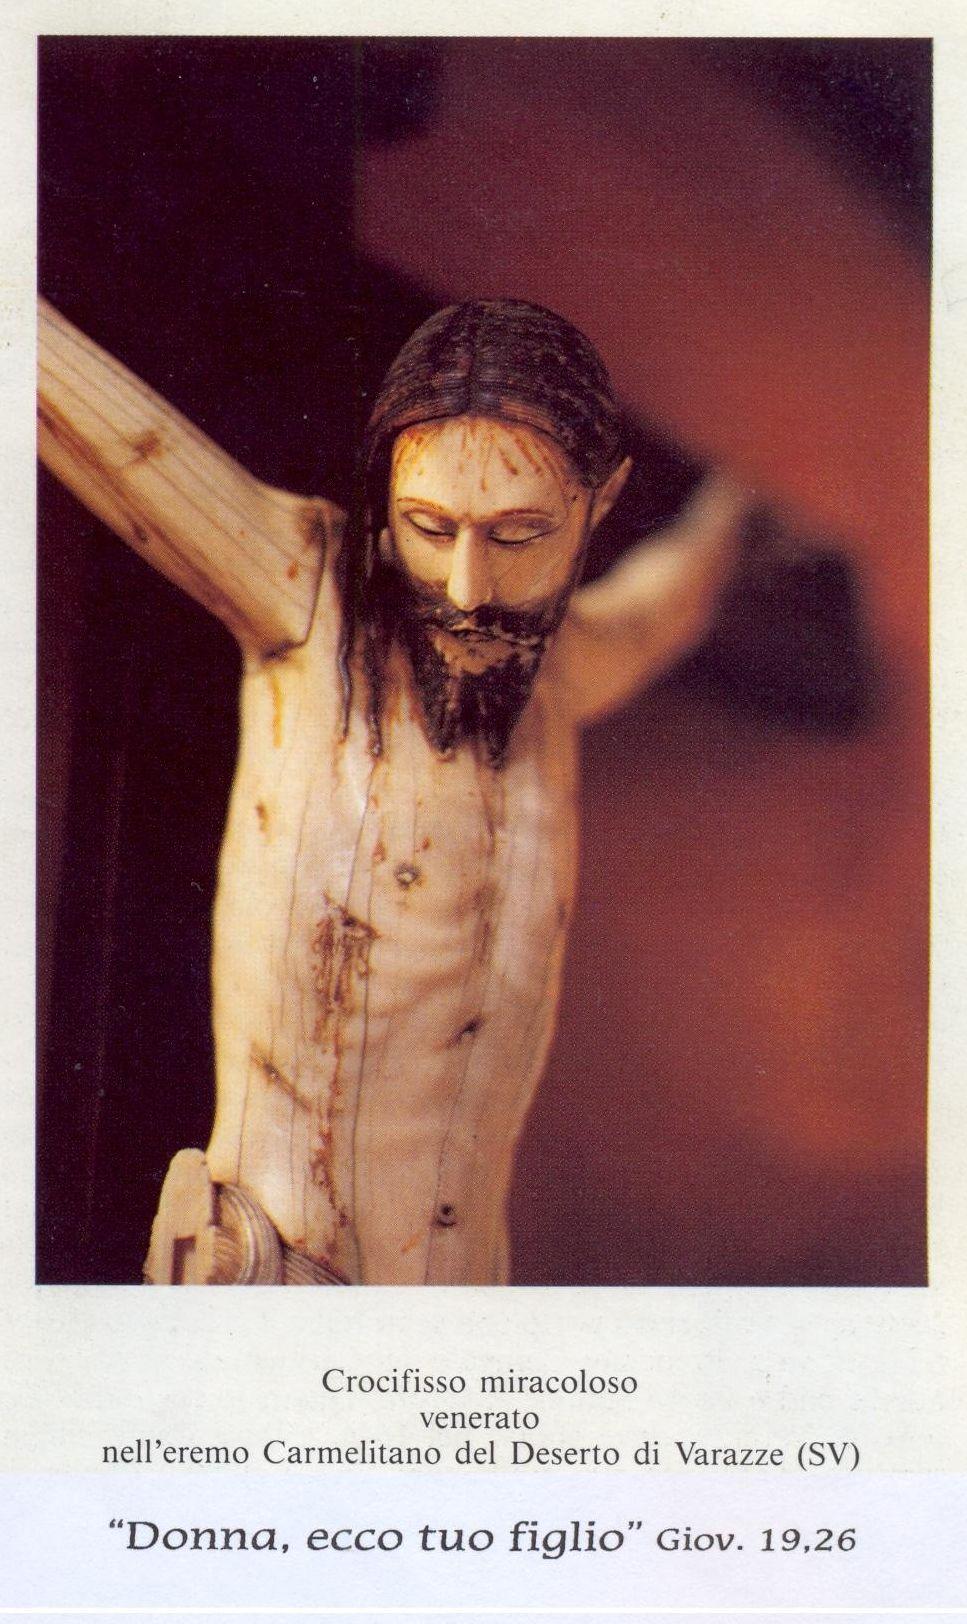 Crocifisso dell'Eremo di Varazze (cercando un'immagine per i miei blog religiosi ho trovato questo bellissimo crocifisso) dans immagini sacre crocifisso-miracoloso